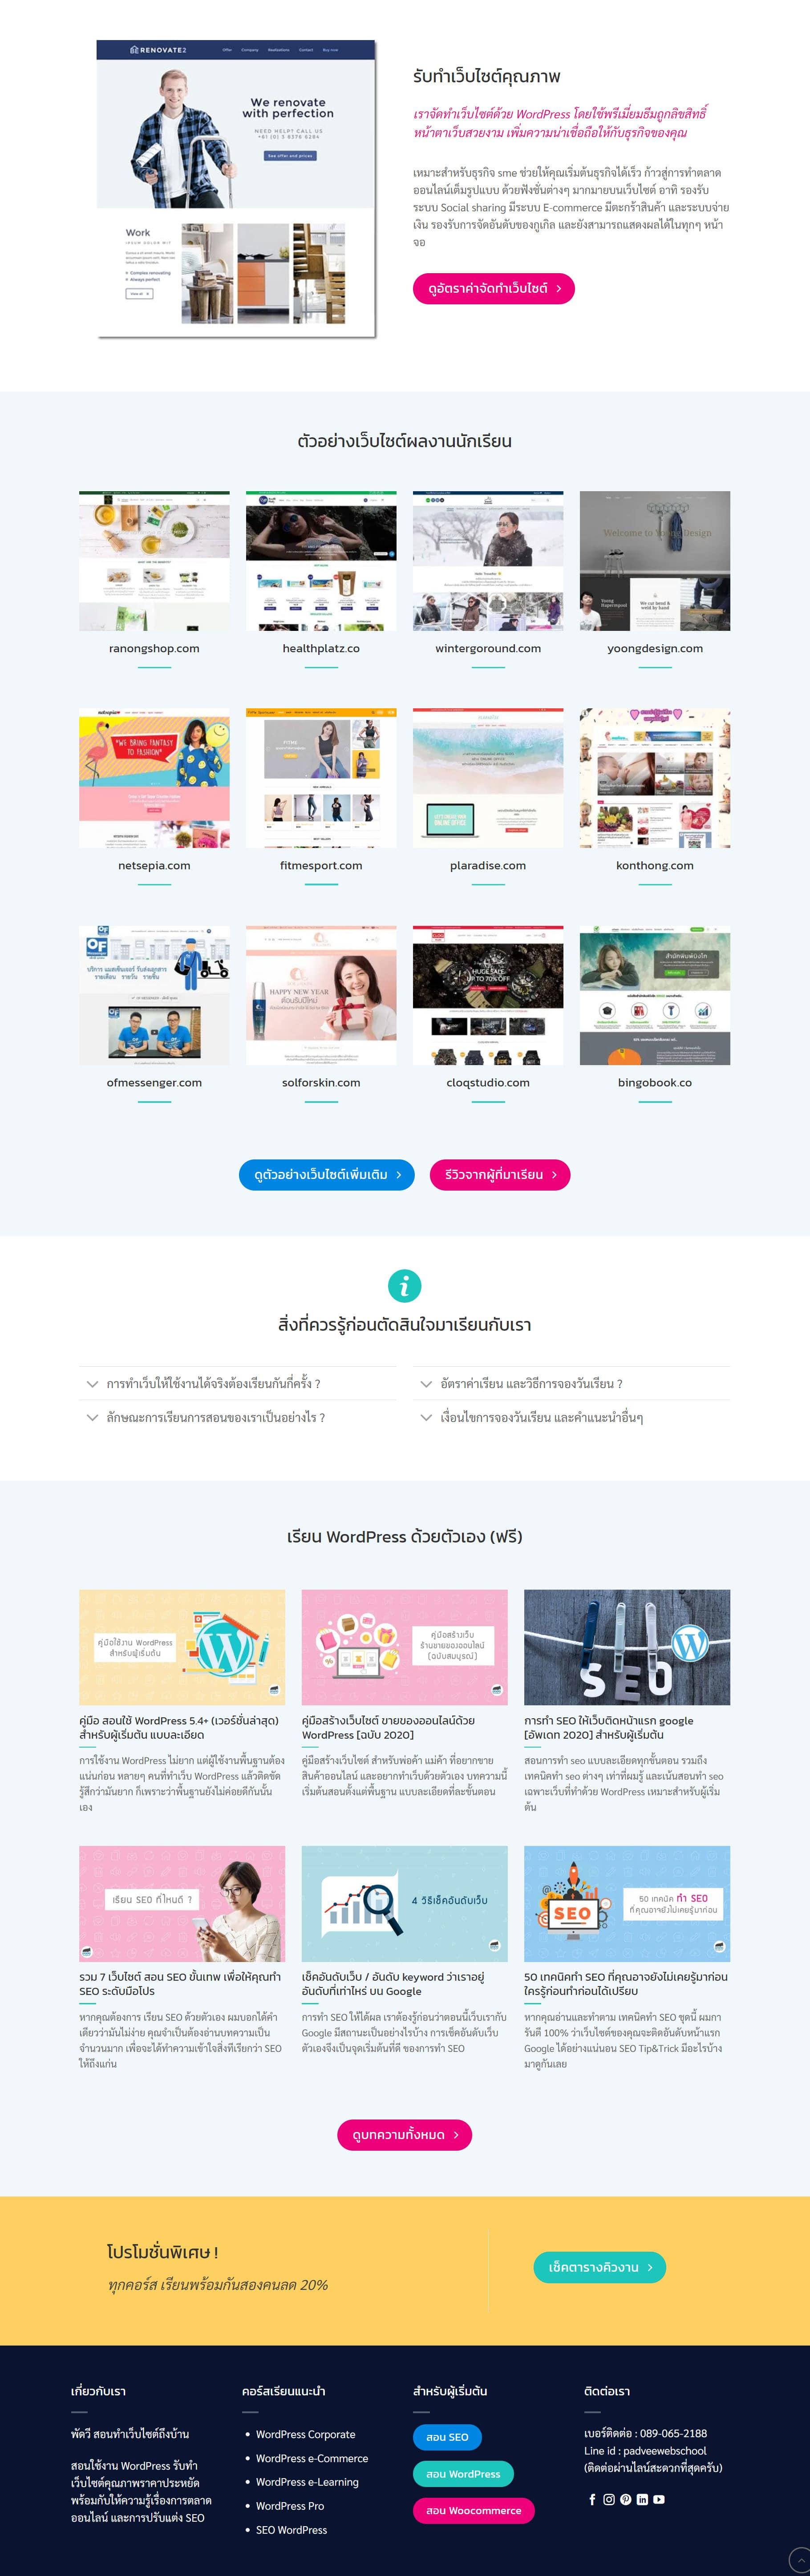 การออกแบบเว็บไซต์ที่ดี